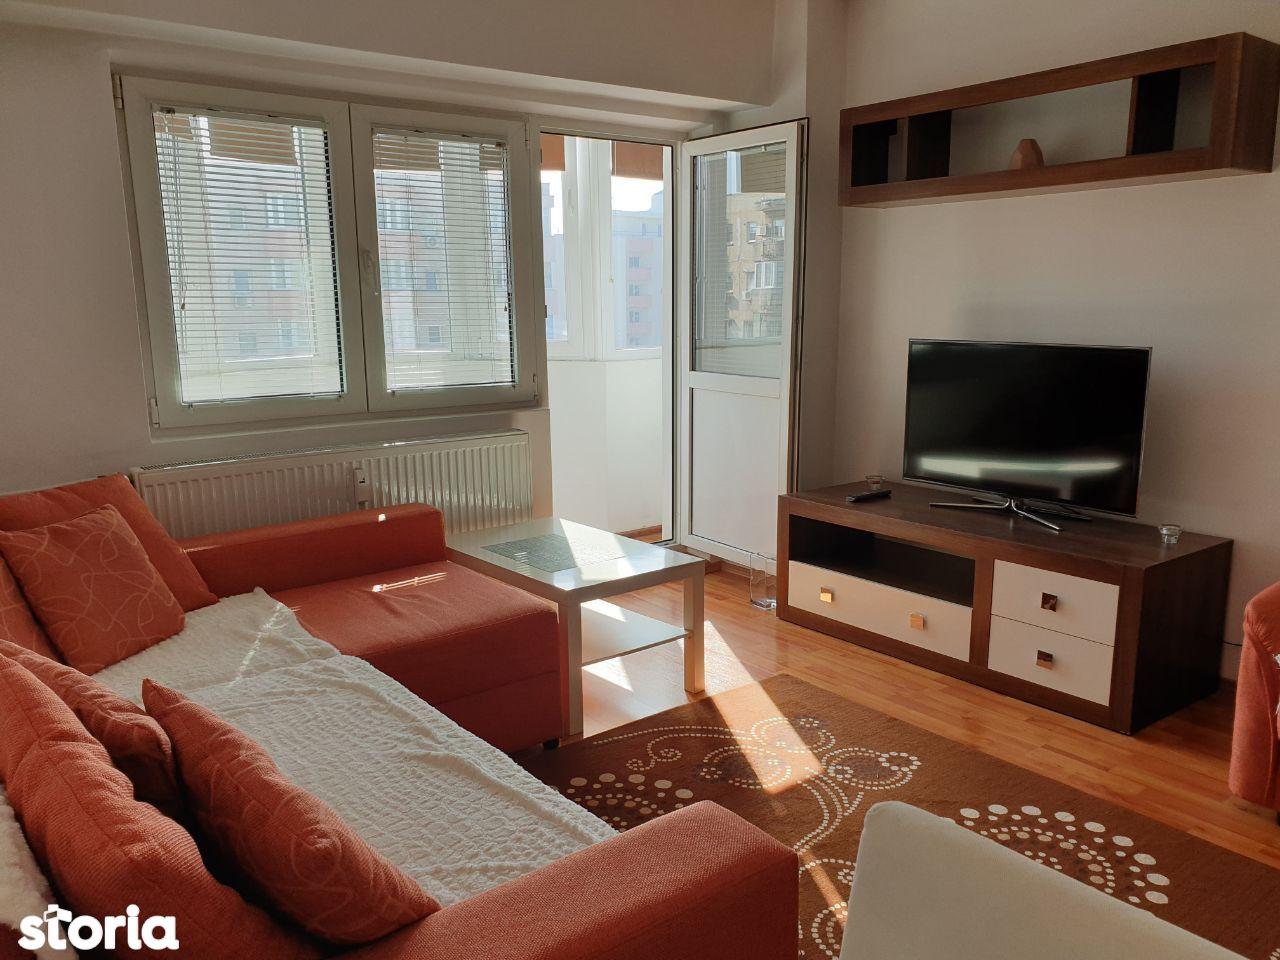 Proprietar, vând apart. cu 1 cameră – Nerva Traian/ str.Vasile Cârlova